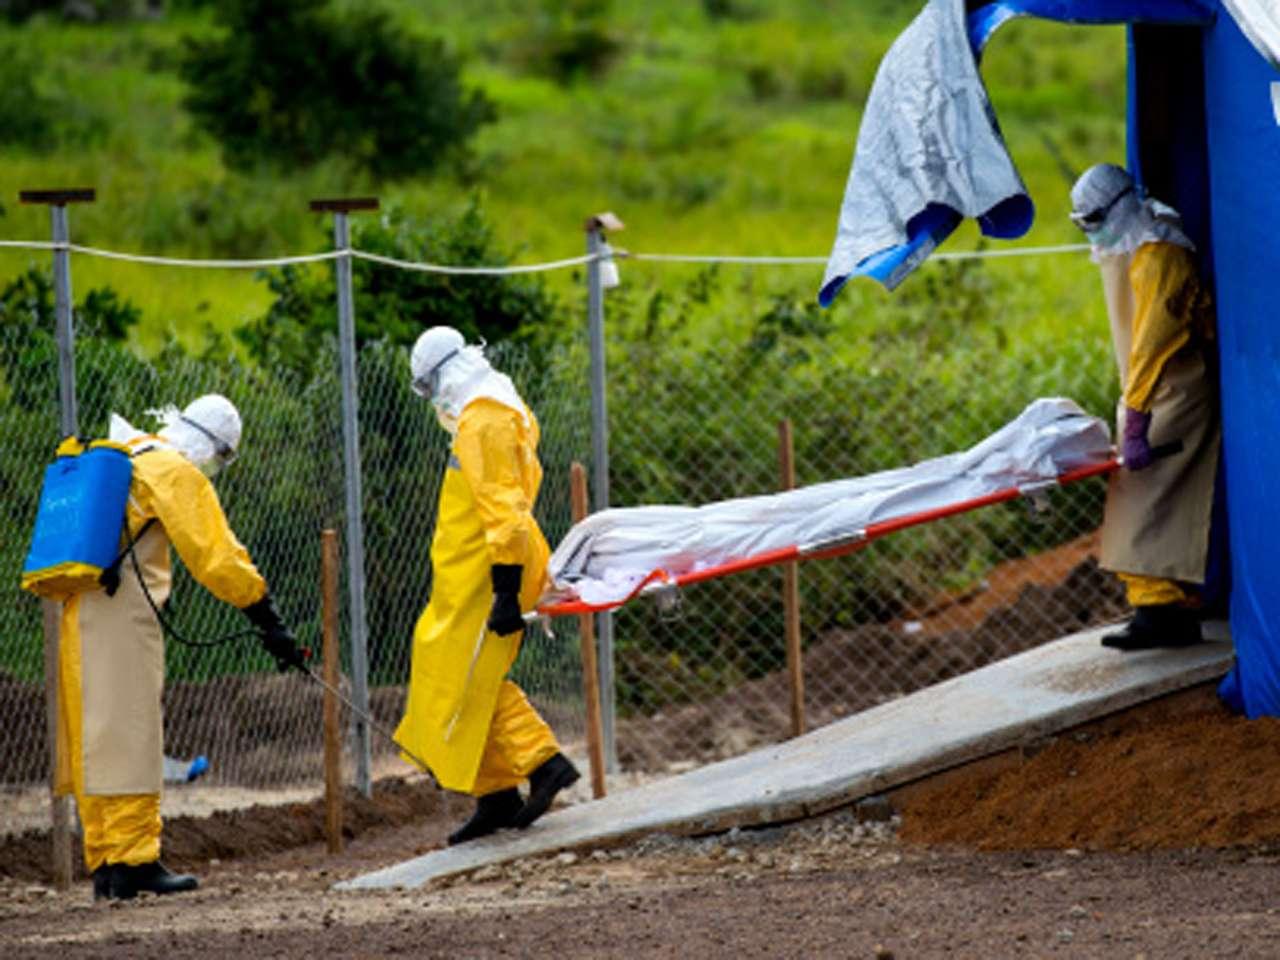 Lamentablemente todavía no existe ningún tratamiento específico ni vacuna homologada contra el ébola Foto: Getty Images